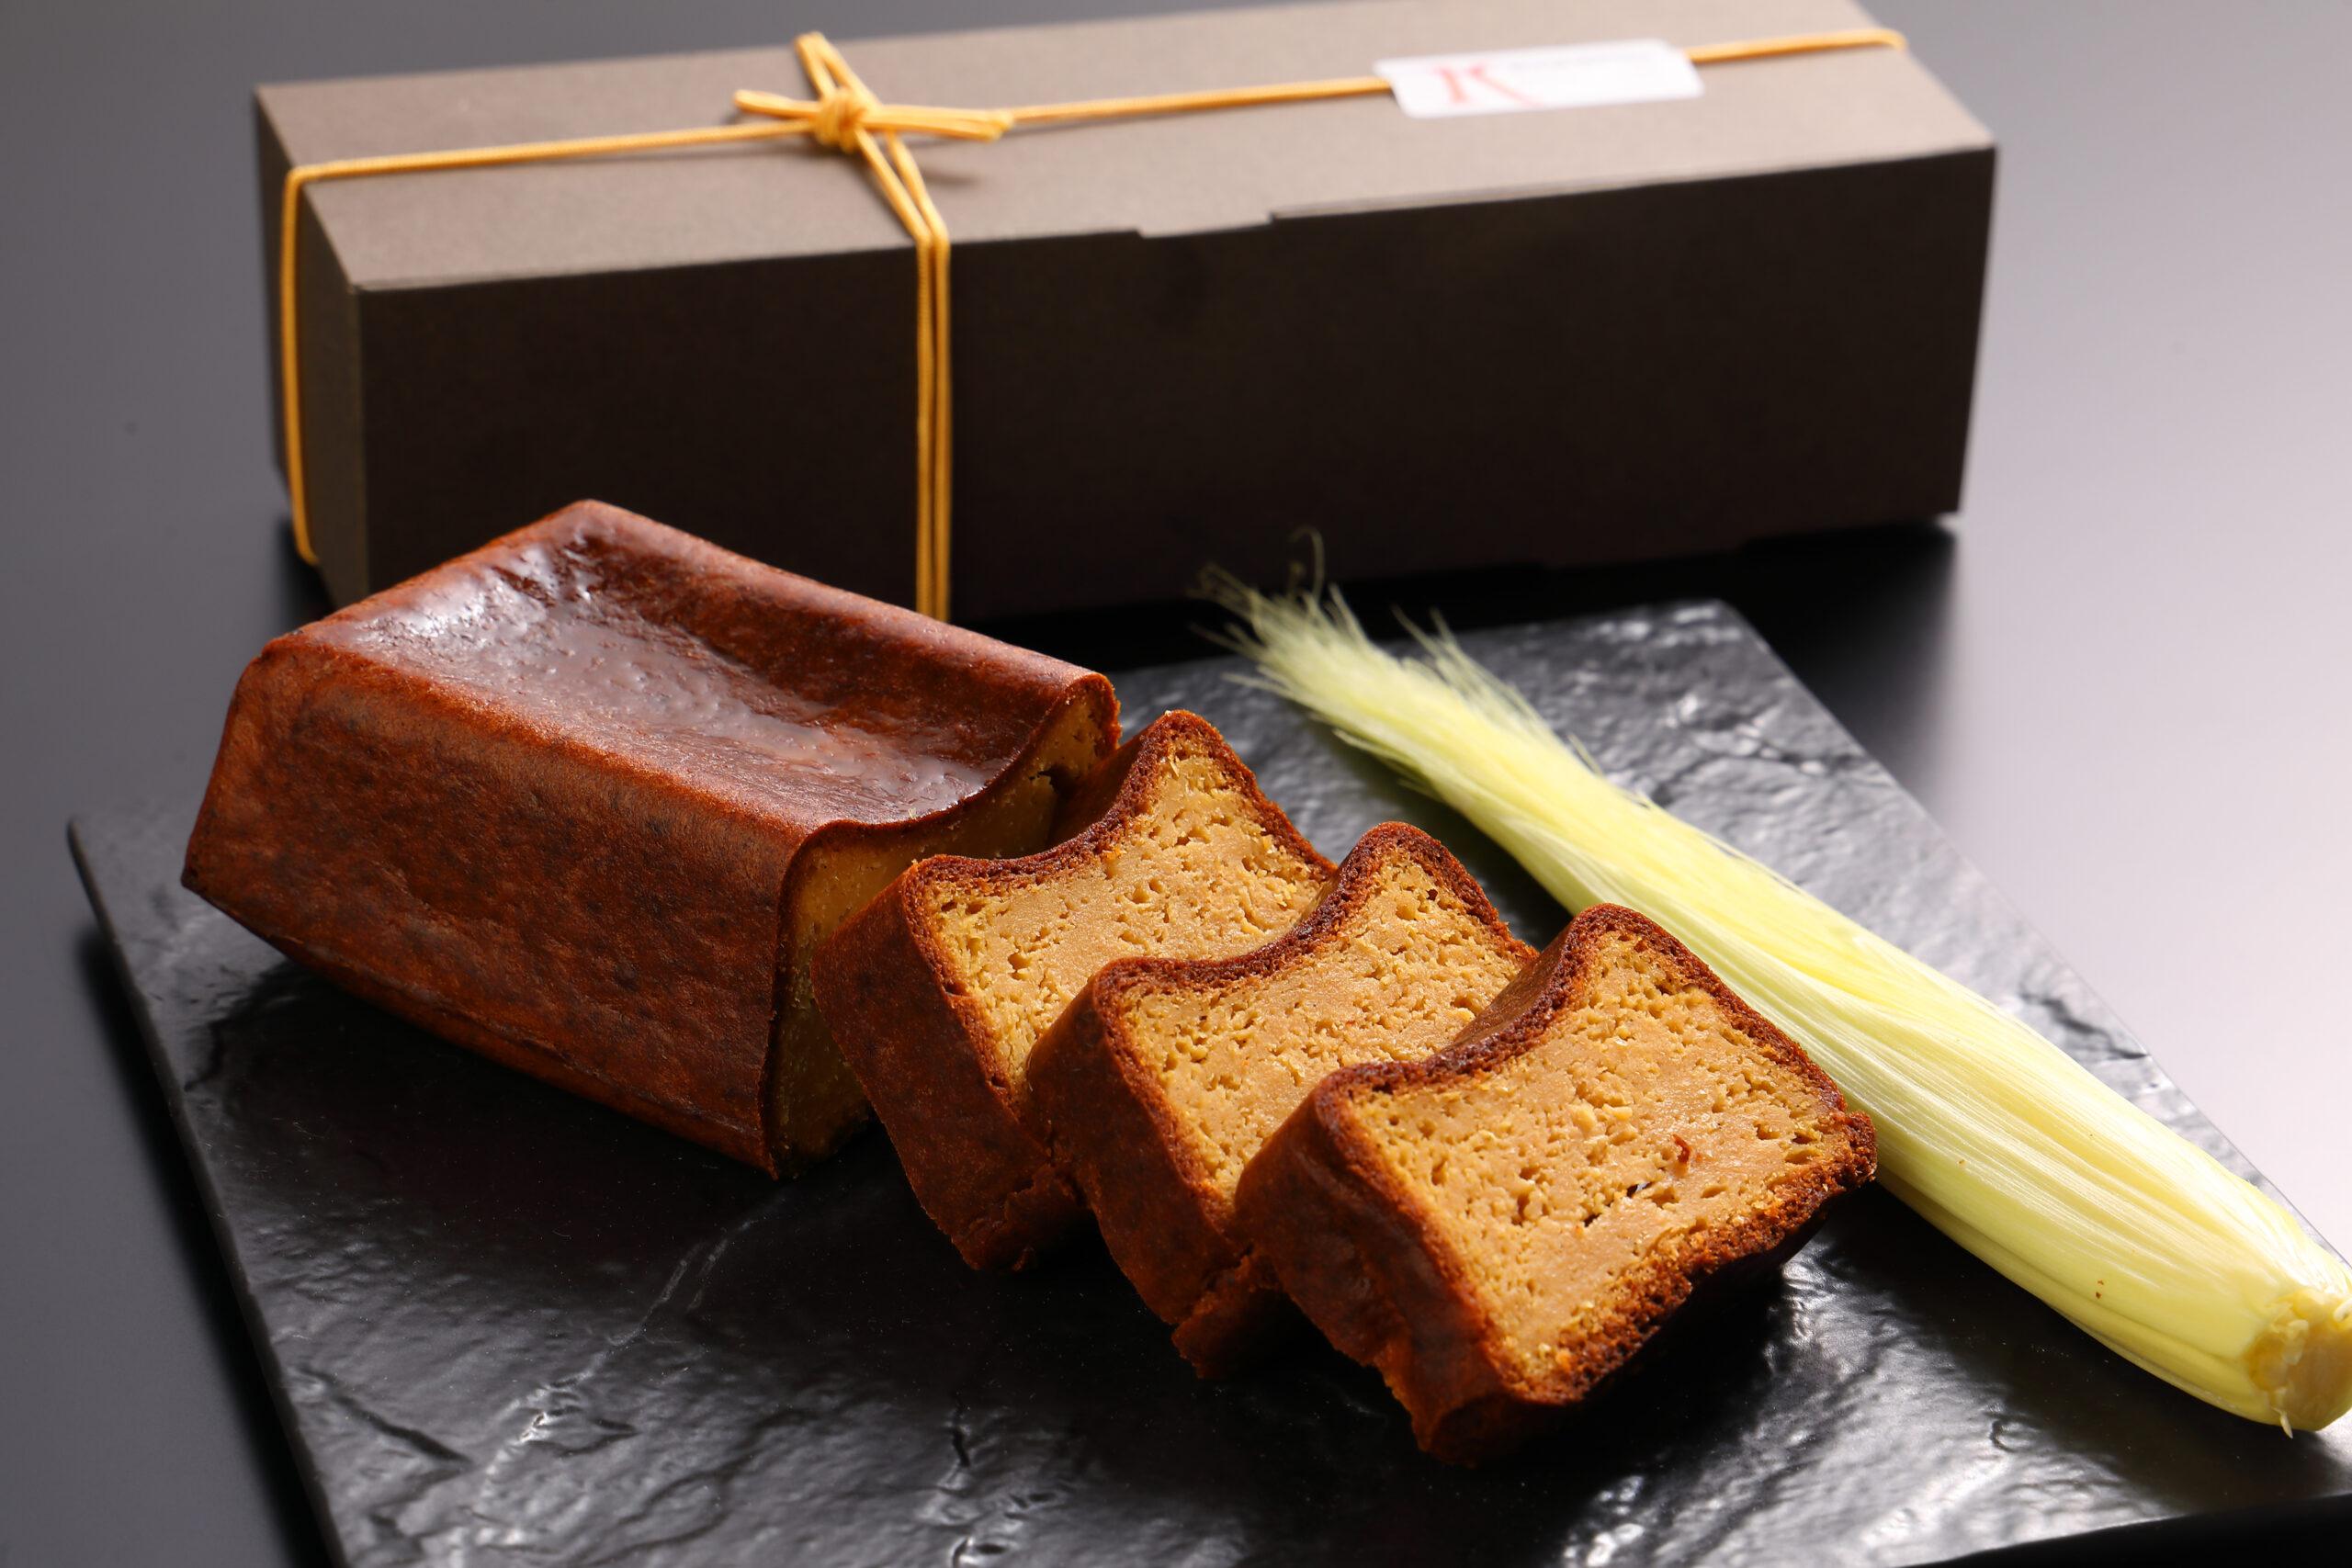 豆乳バニラとトウモロコシのケーキ